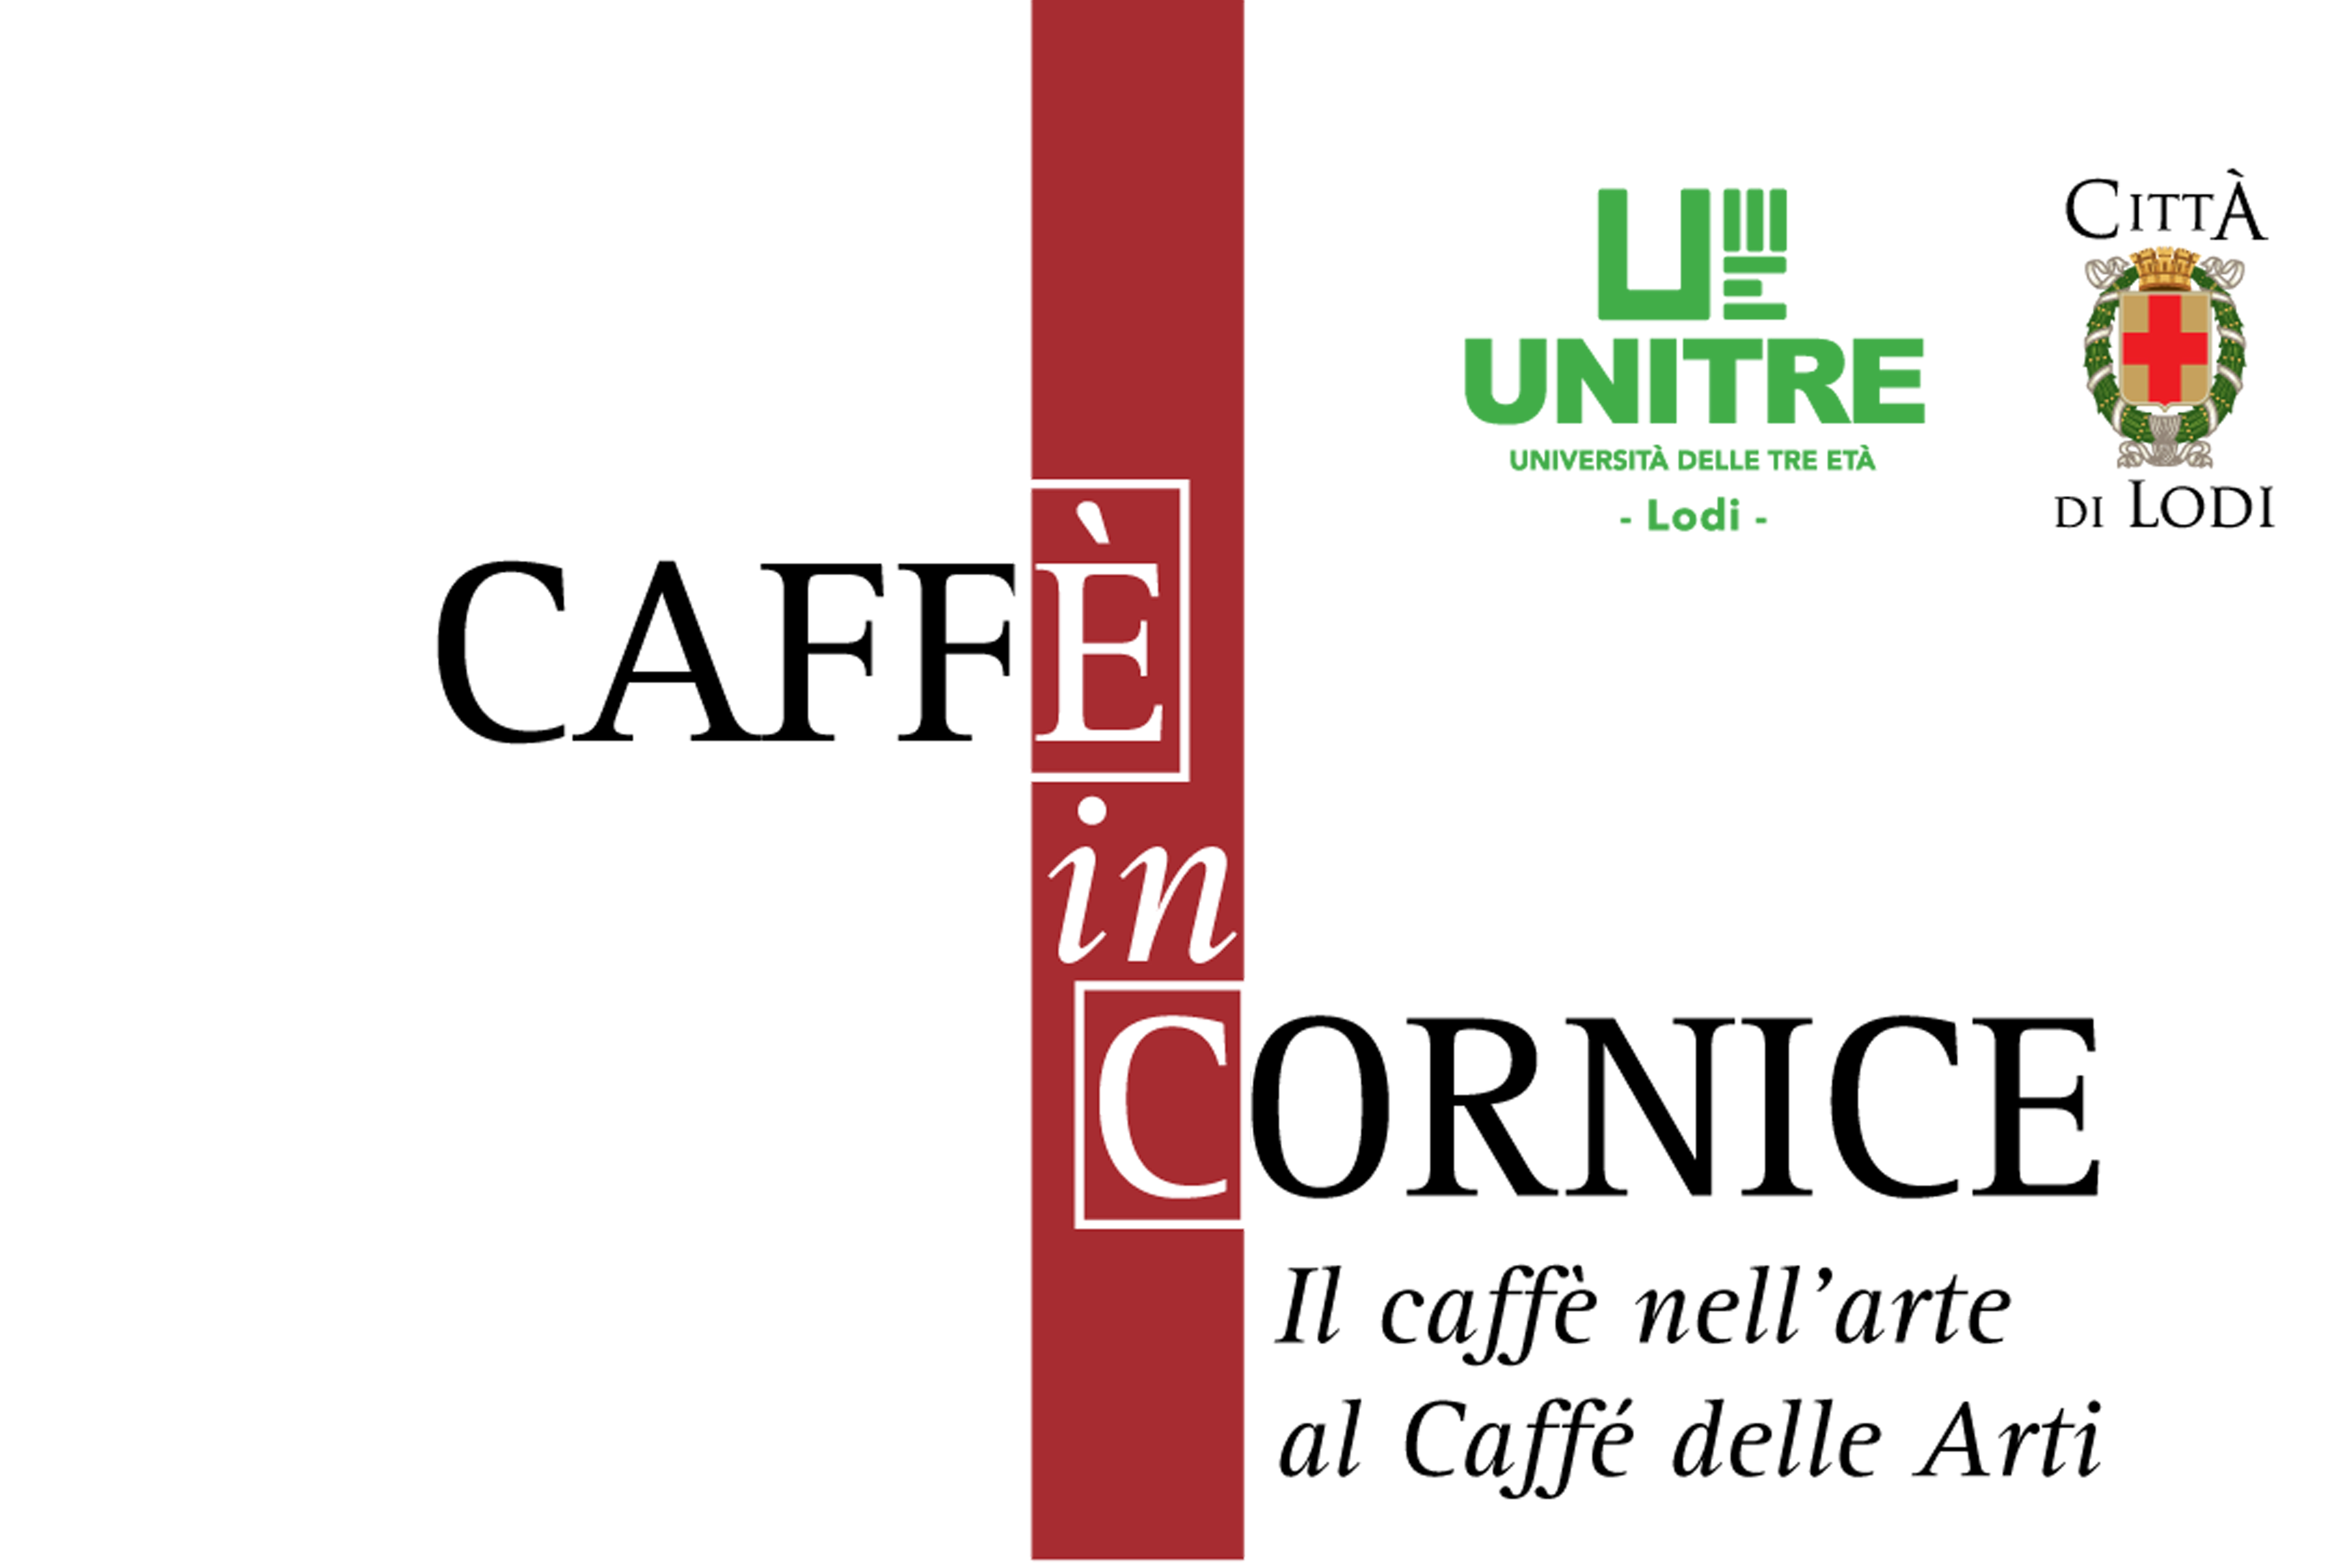 immagine dalla locandina con titolo e loghi di UNITRE e Città di Lodi